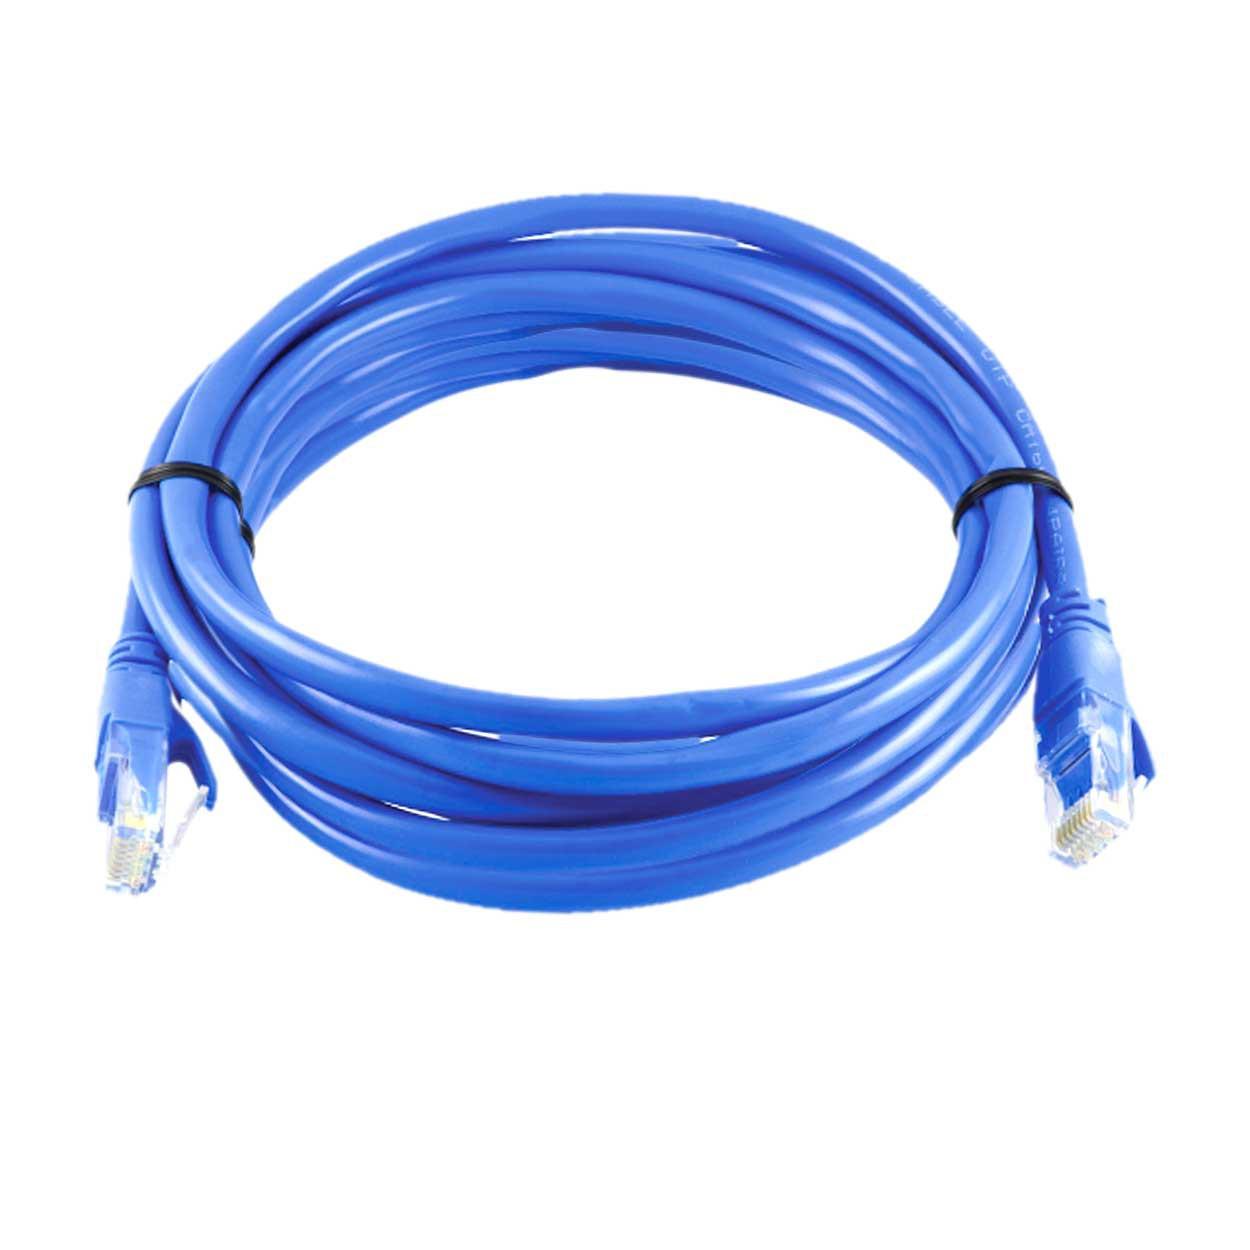 کابل شبکه CAT5e ونوس مدل PV-K932 طول 2 متر